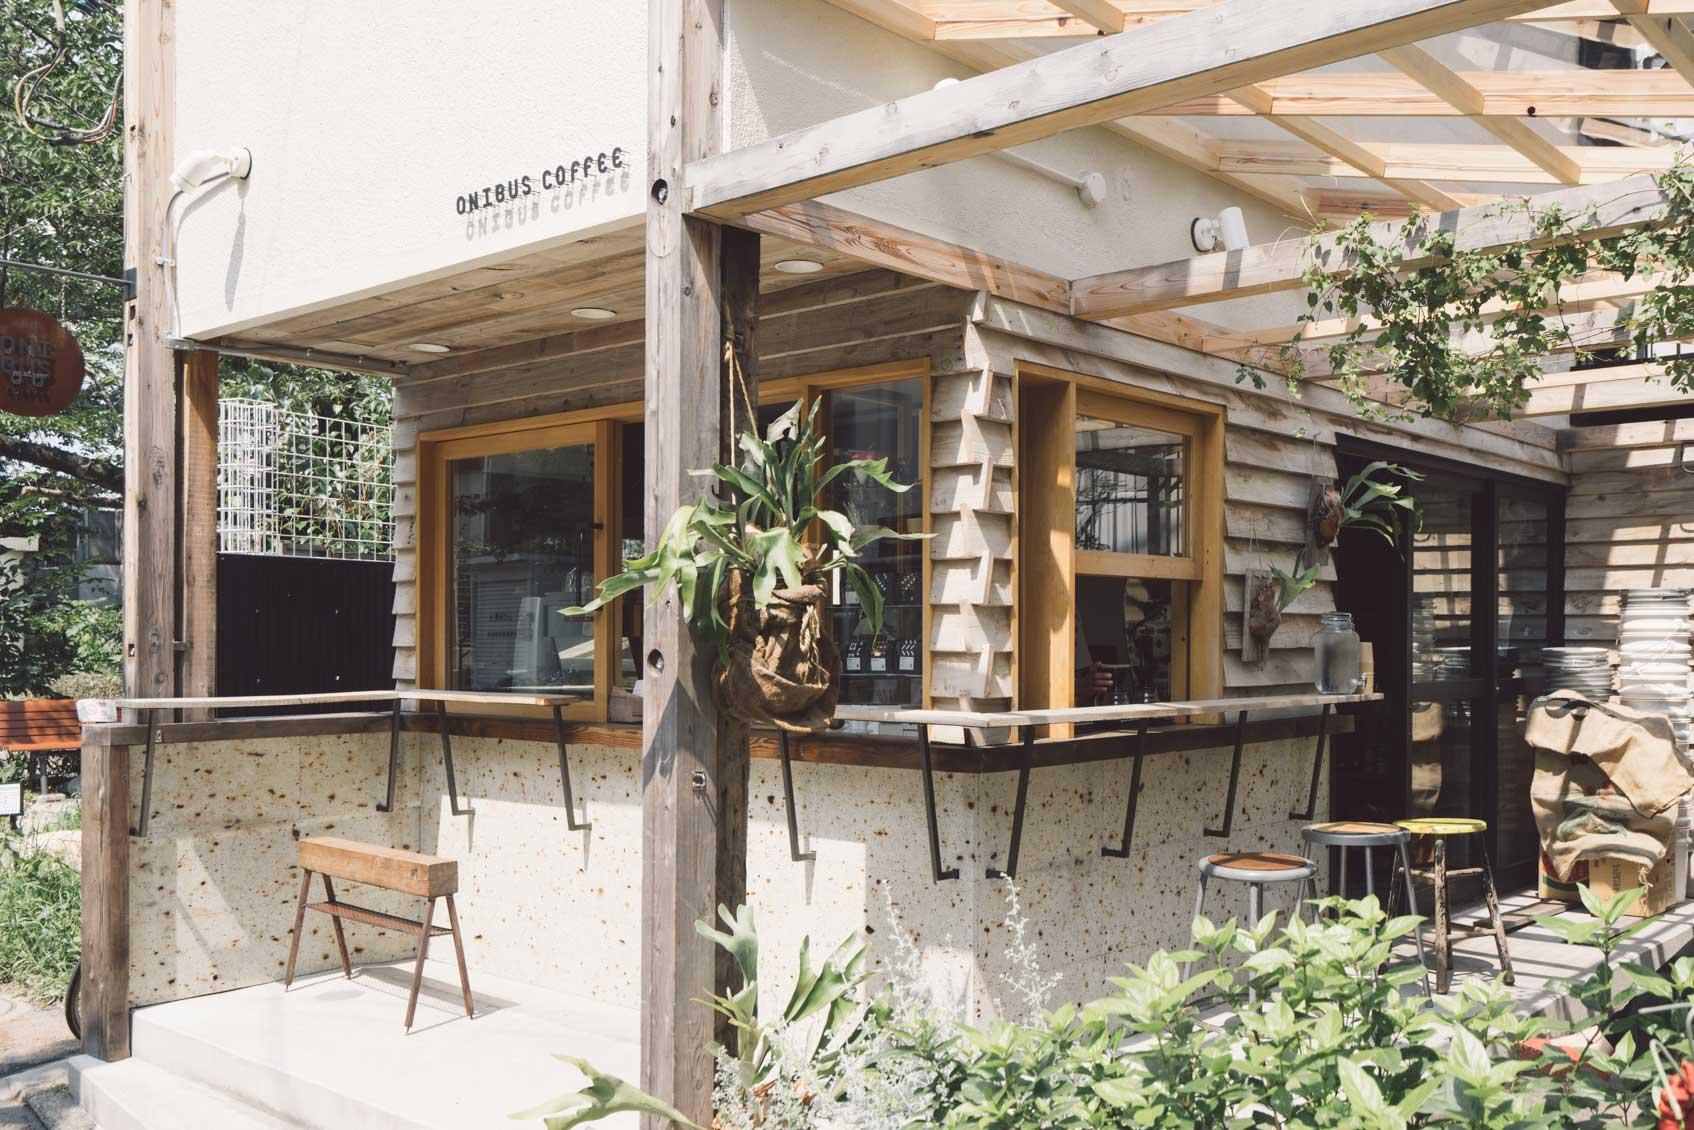 行きつけにしたい、おしゃれな駅前のカフェ。空間と人との繋がりを楽しむロースター&カフェ 『ONIBUS COFFEE』 (東京・中目黒)